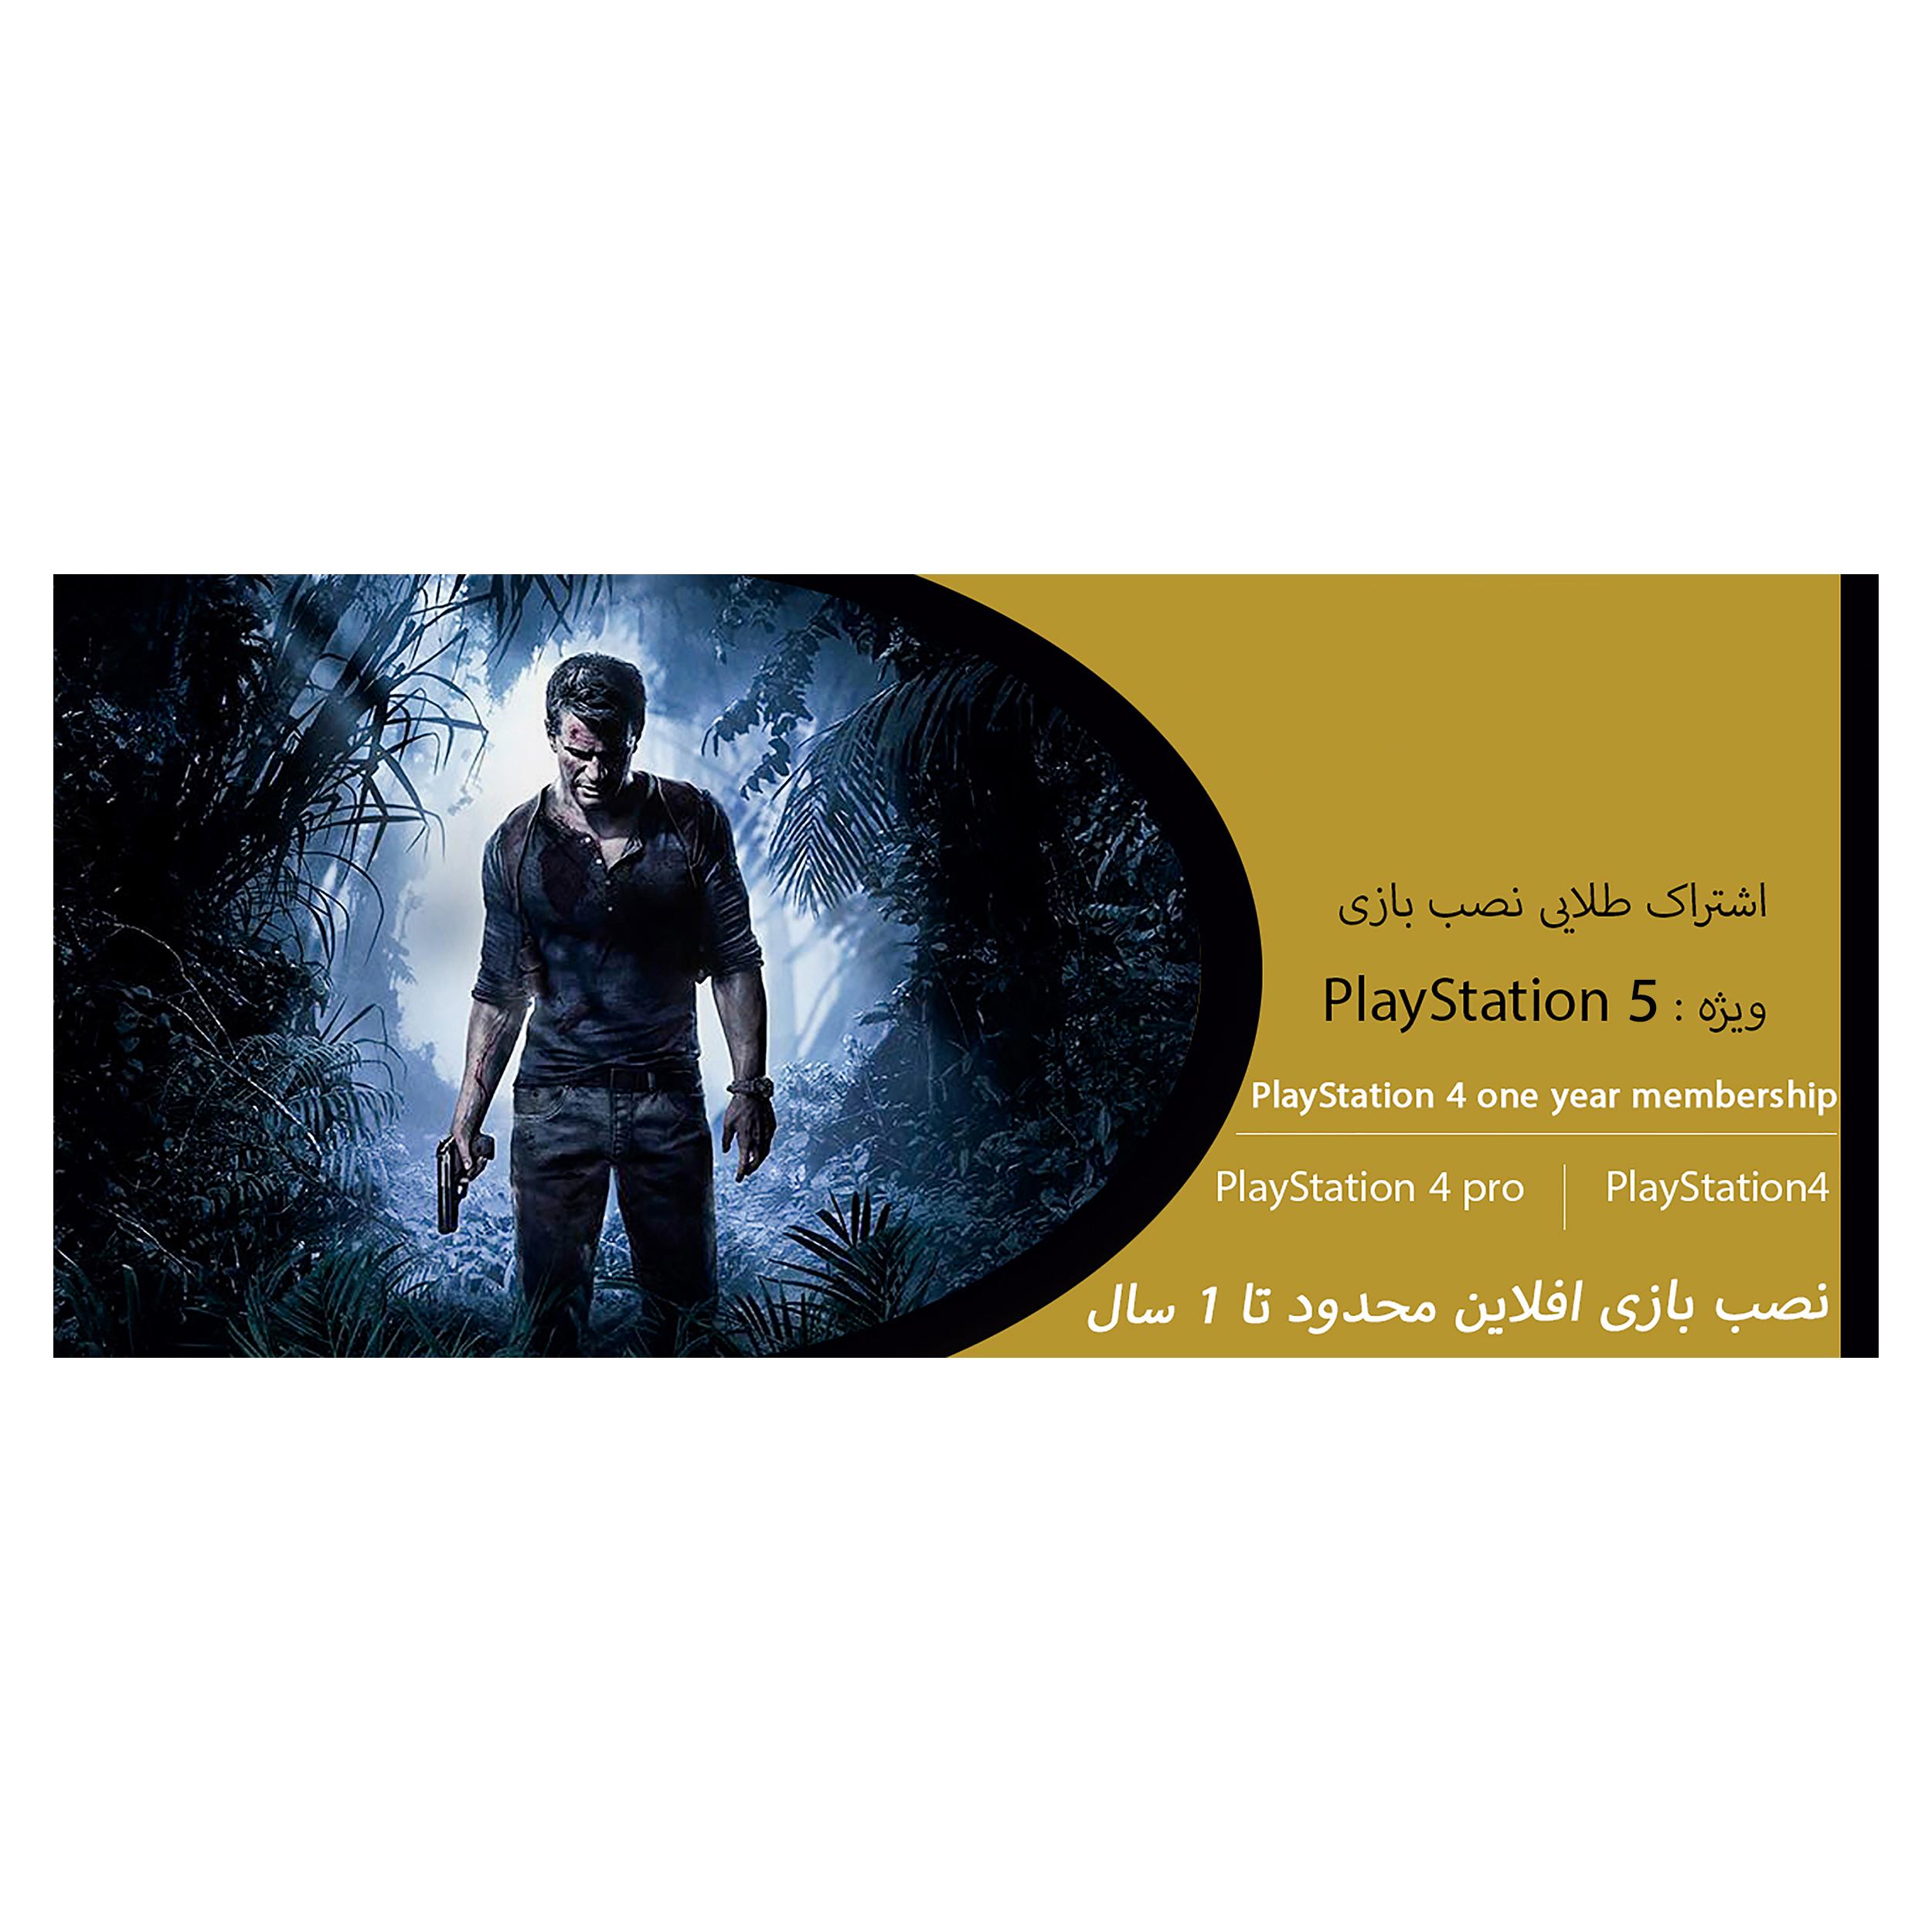 کنسول بازی سونی مدل Playstation 5 Digital Edition ظرفیت 825 گیگابایت به همراه کارت طلایی نصب بازی